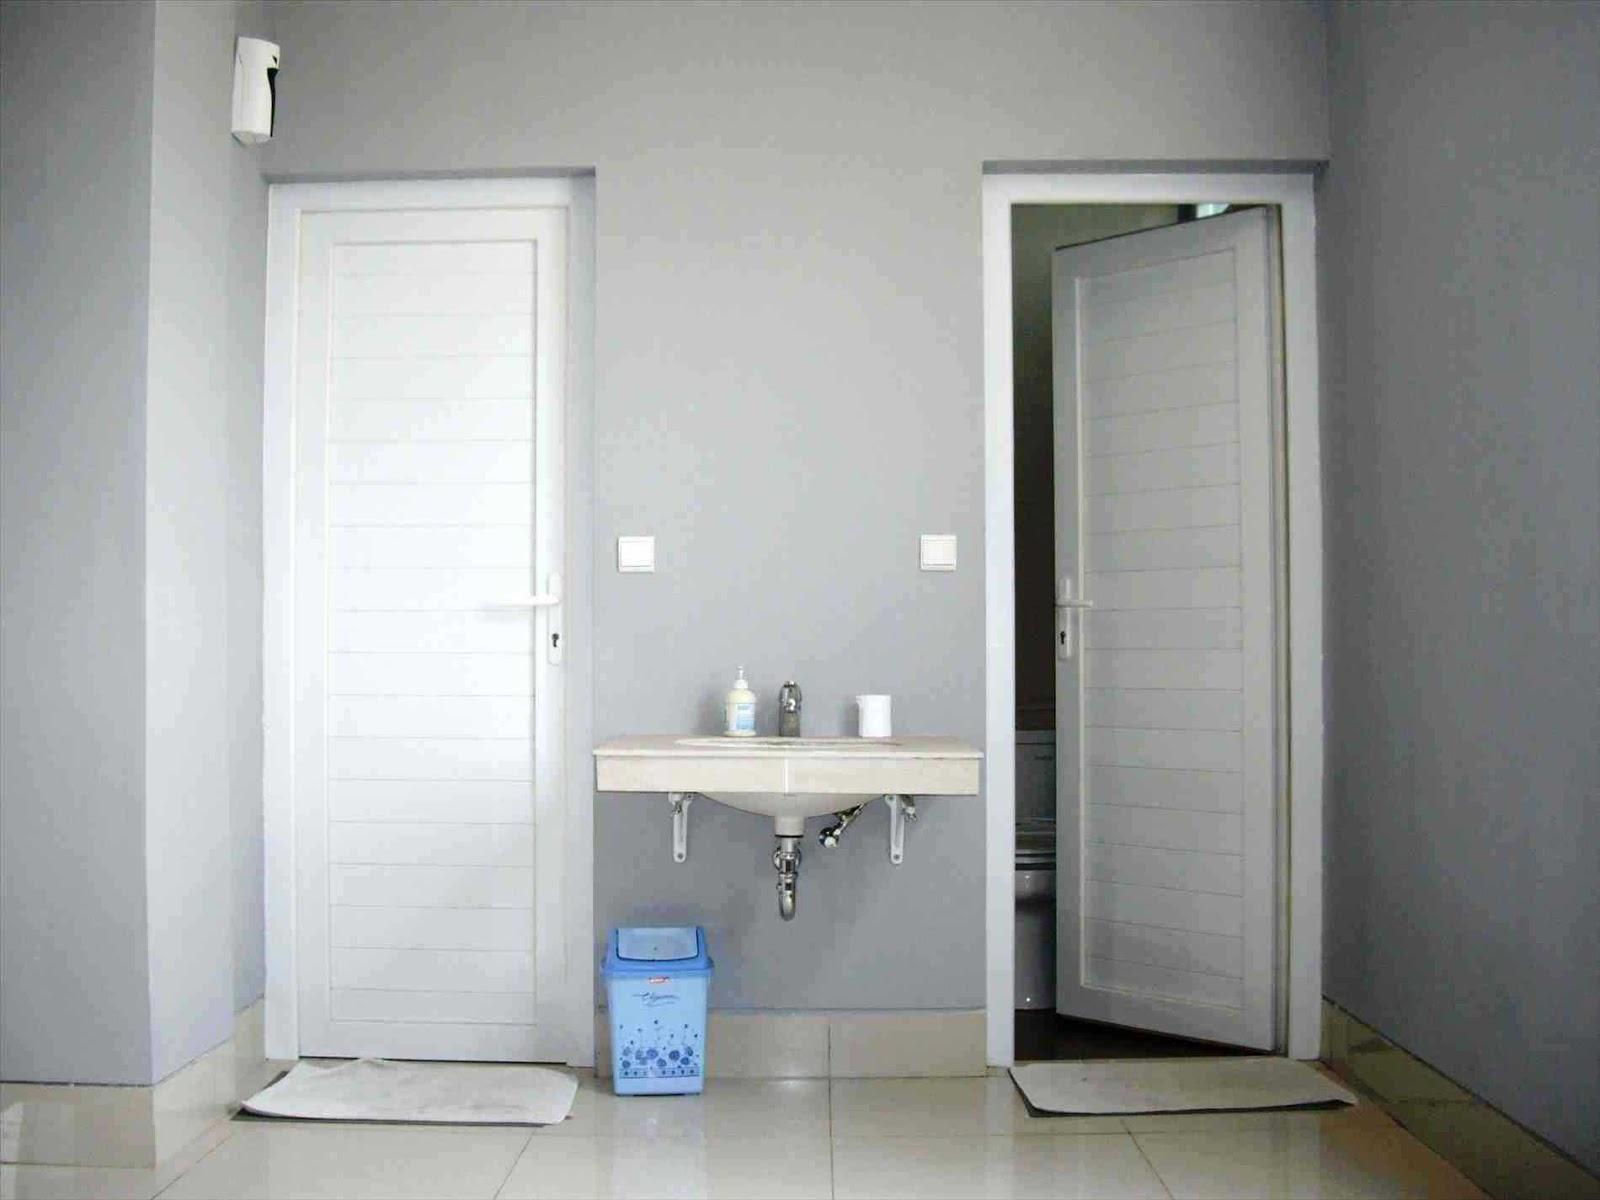 Pintu Plastik Bilik Mandi Desainrumahid com